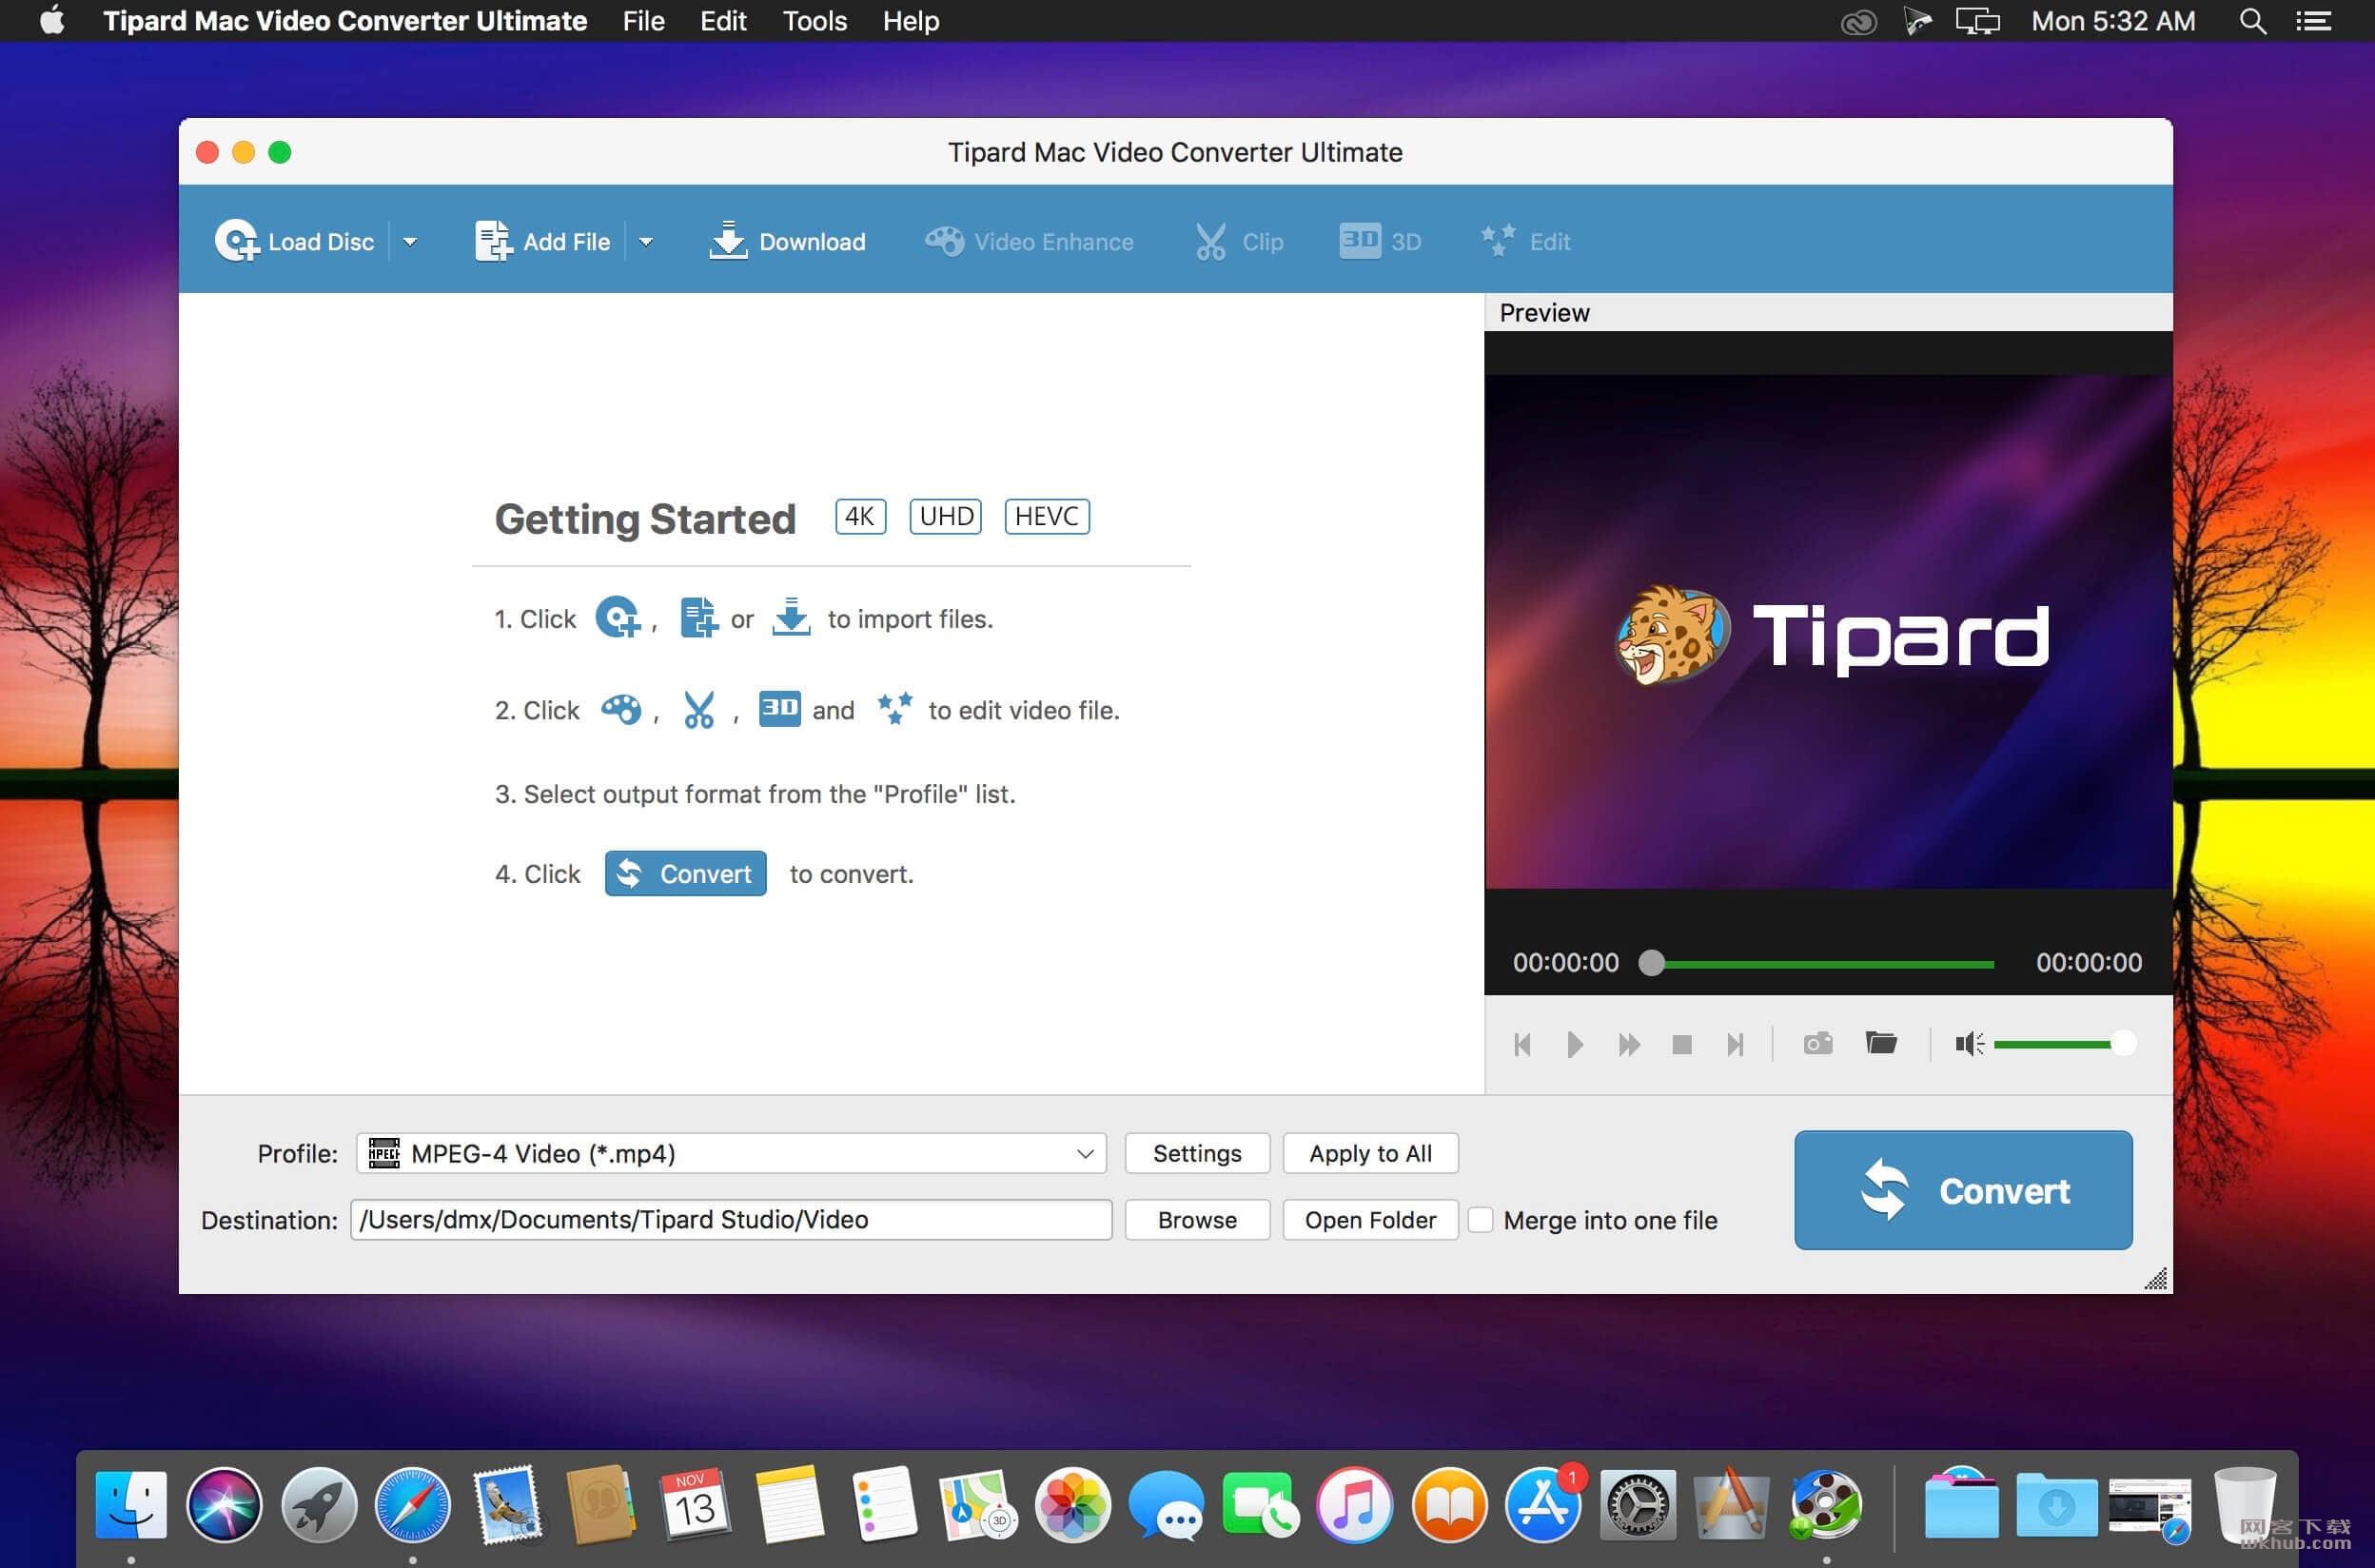 Tipard Mac Video Converter Ultimate 9.2.22 视频转换工具